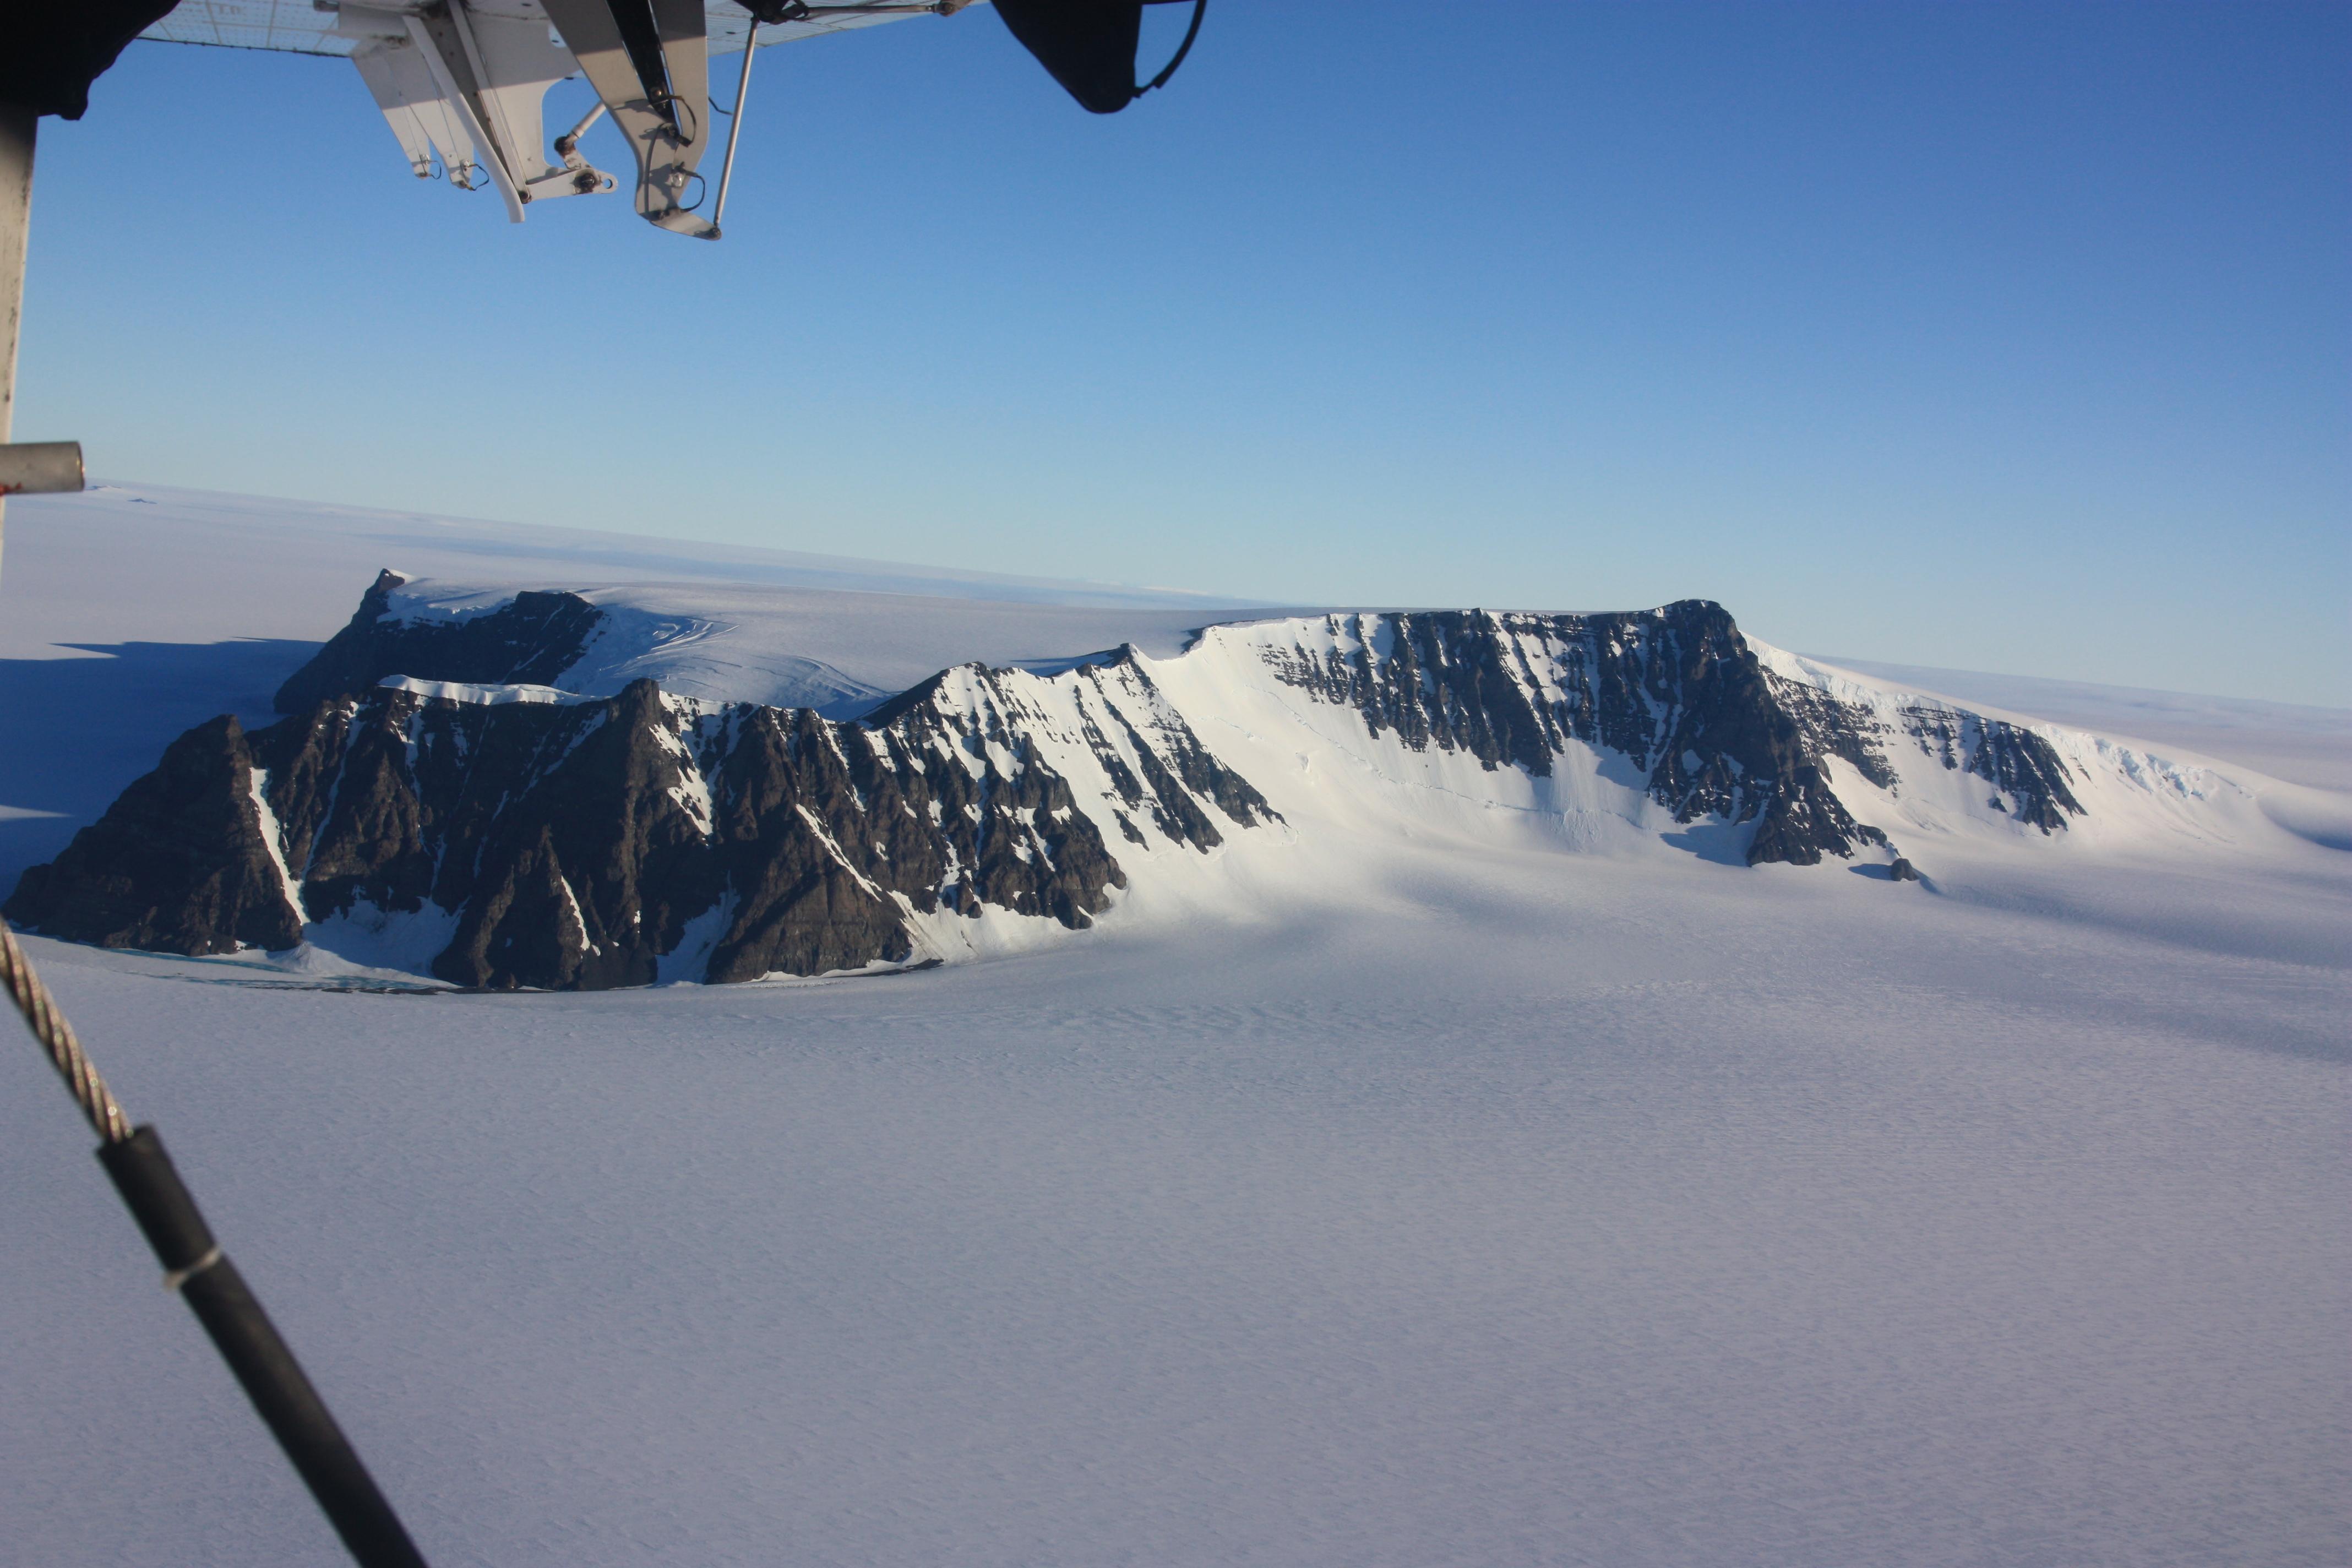 Blick aus einem Flugzeug über Königin-Maud-Land in Alaska. Man sieht eine schnee- und eisbedeckte Landschaft und zwei Berge.